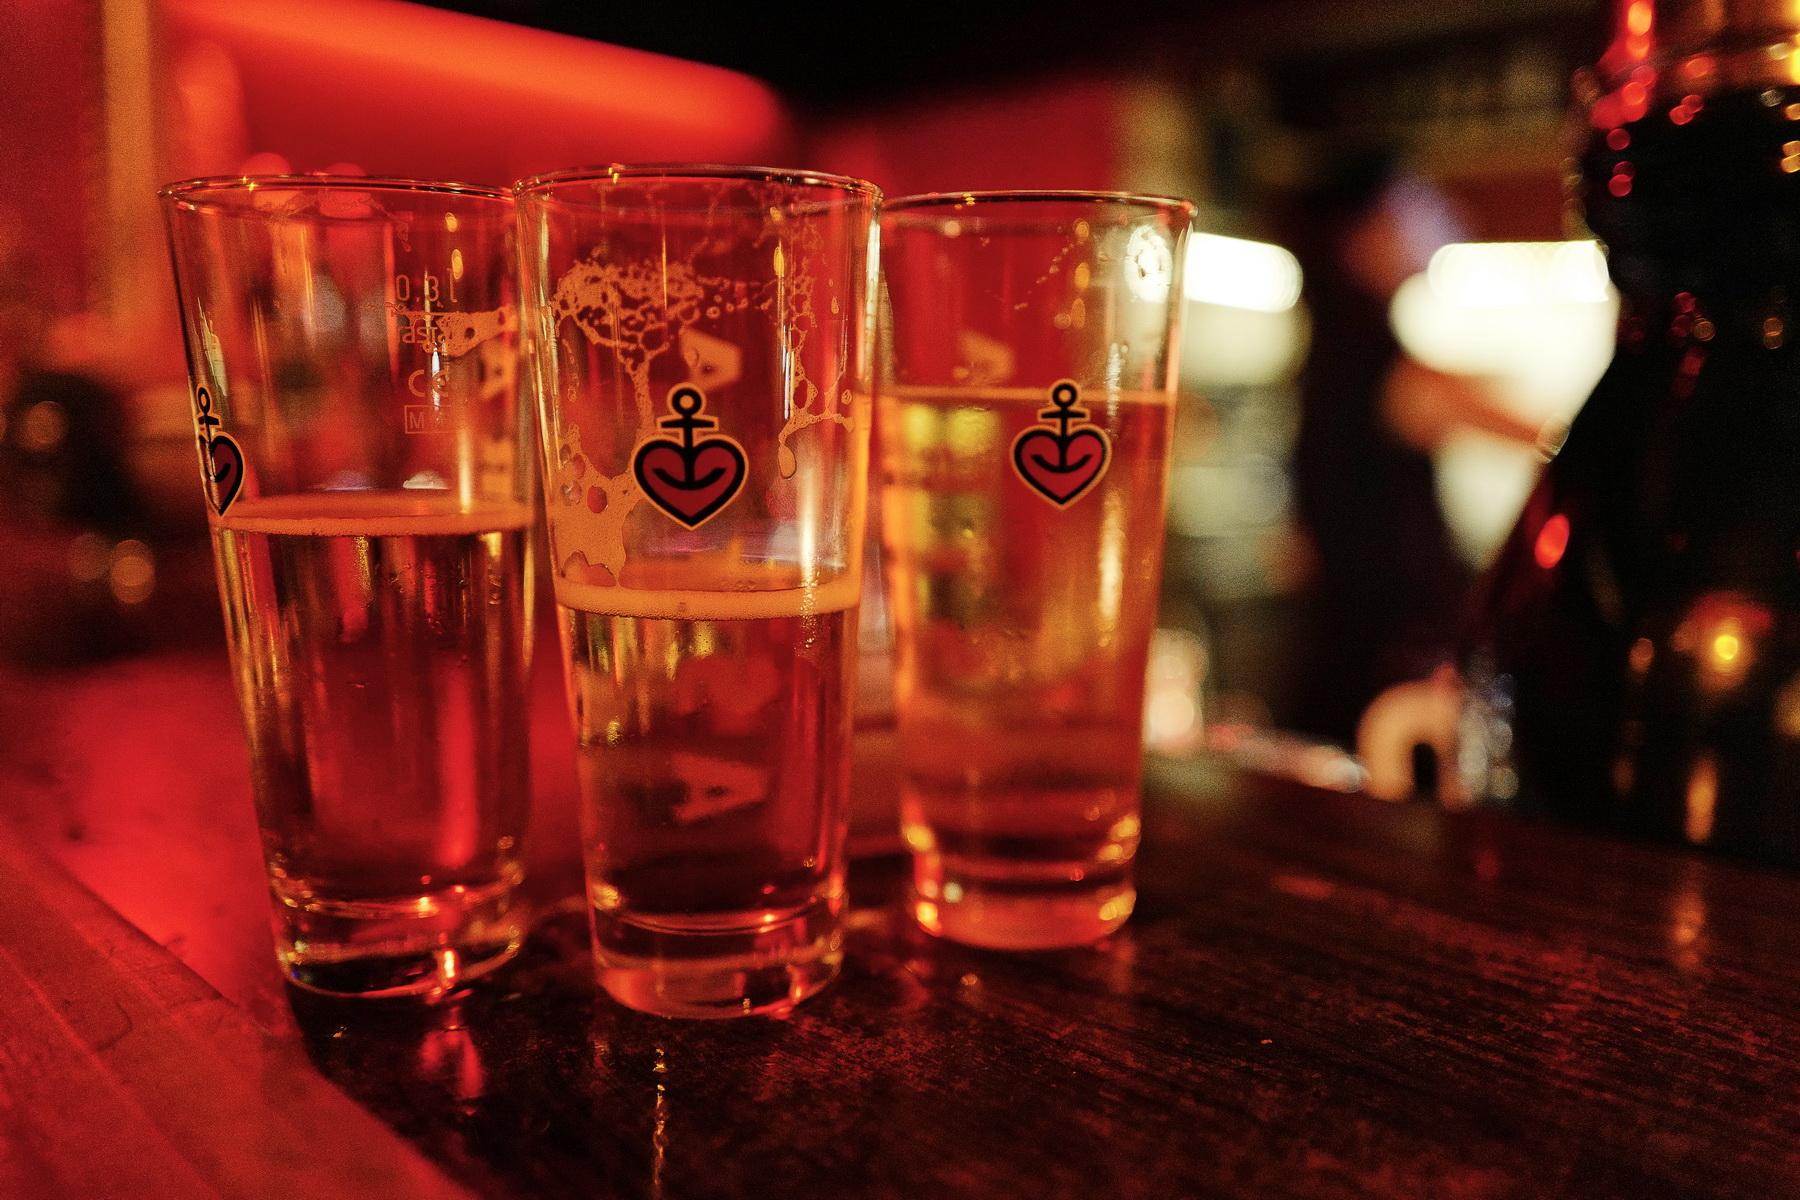 Geheimtipp Hamburg Essen & Trinken Bar Familieneck Ottensen Lisa Knauer 5